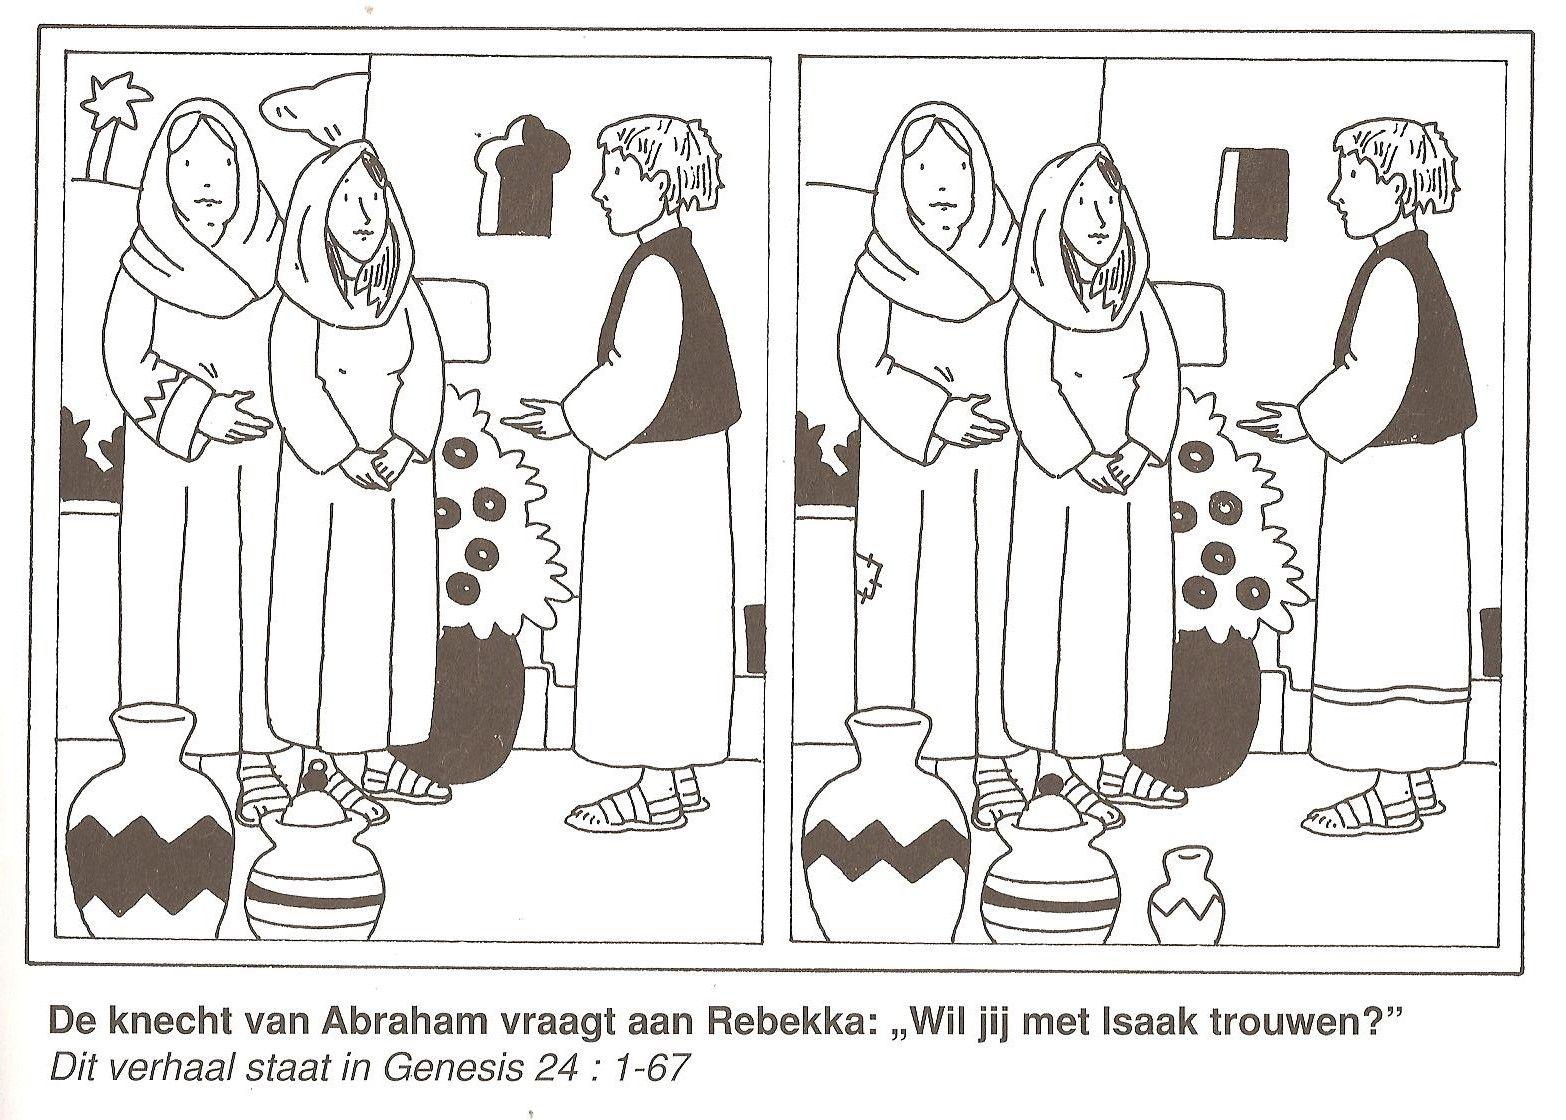 De Knecht Van Abraham Vraagt Aan Rebekka Wil Jij Met Isaak Trouwen Zoek De 10 Verschillen